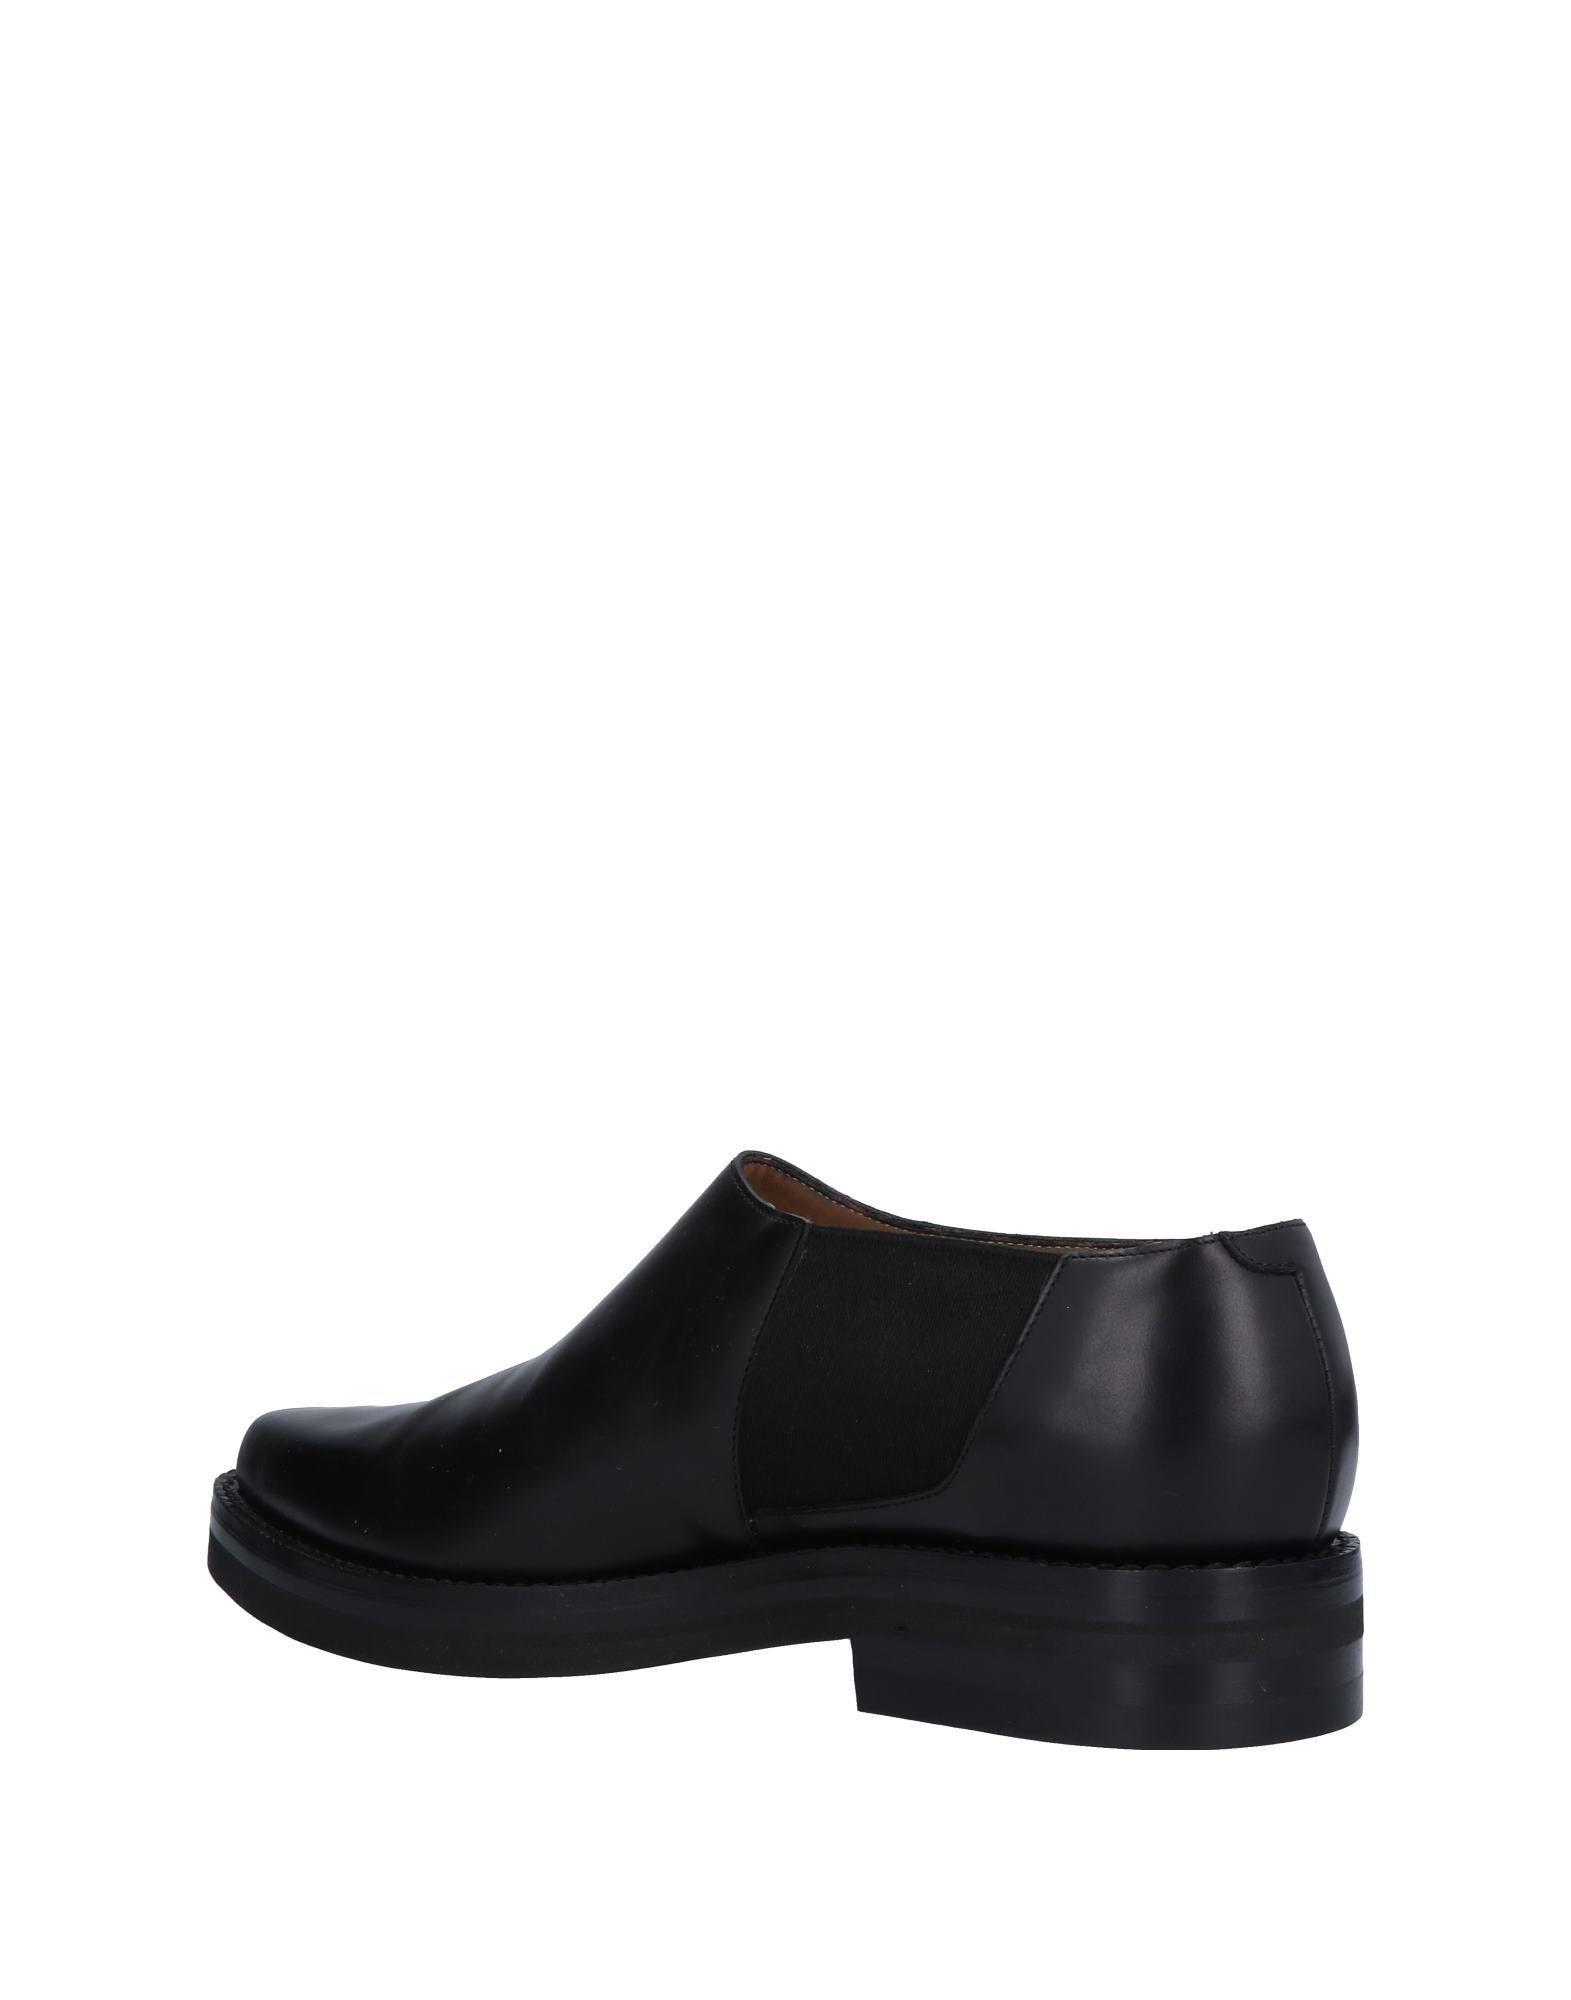 Dries  Van Noten Mokassins Damen  Dries 11506026FDGünstige gut aussehende Schuhe fa3efe